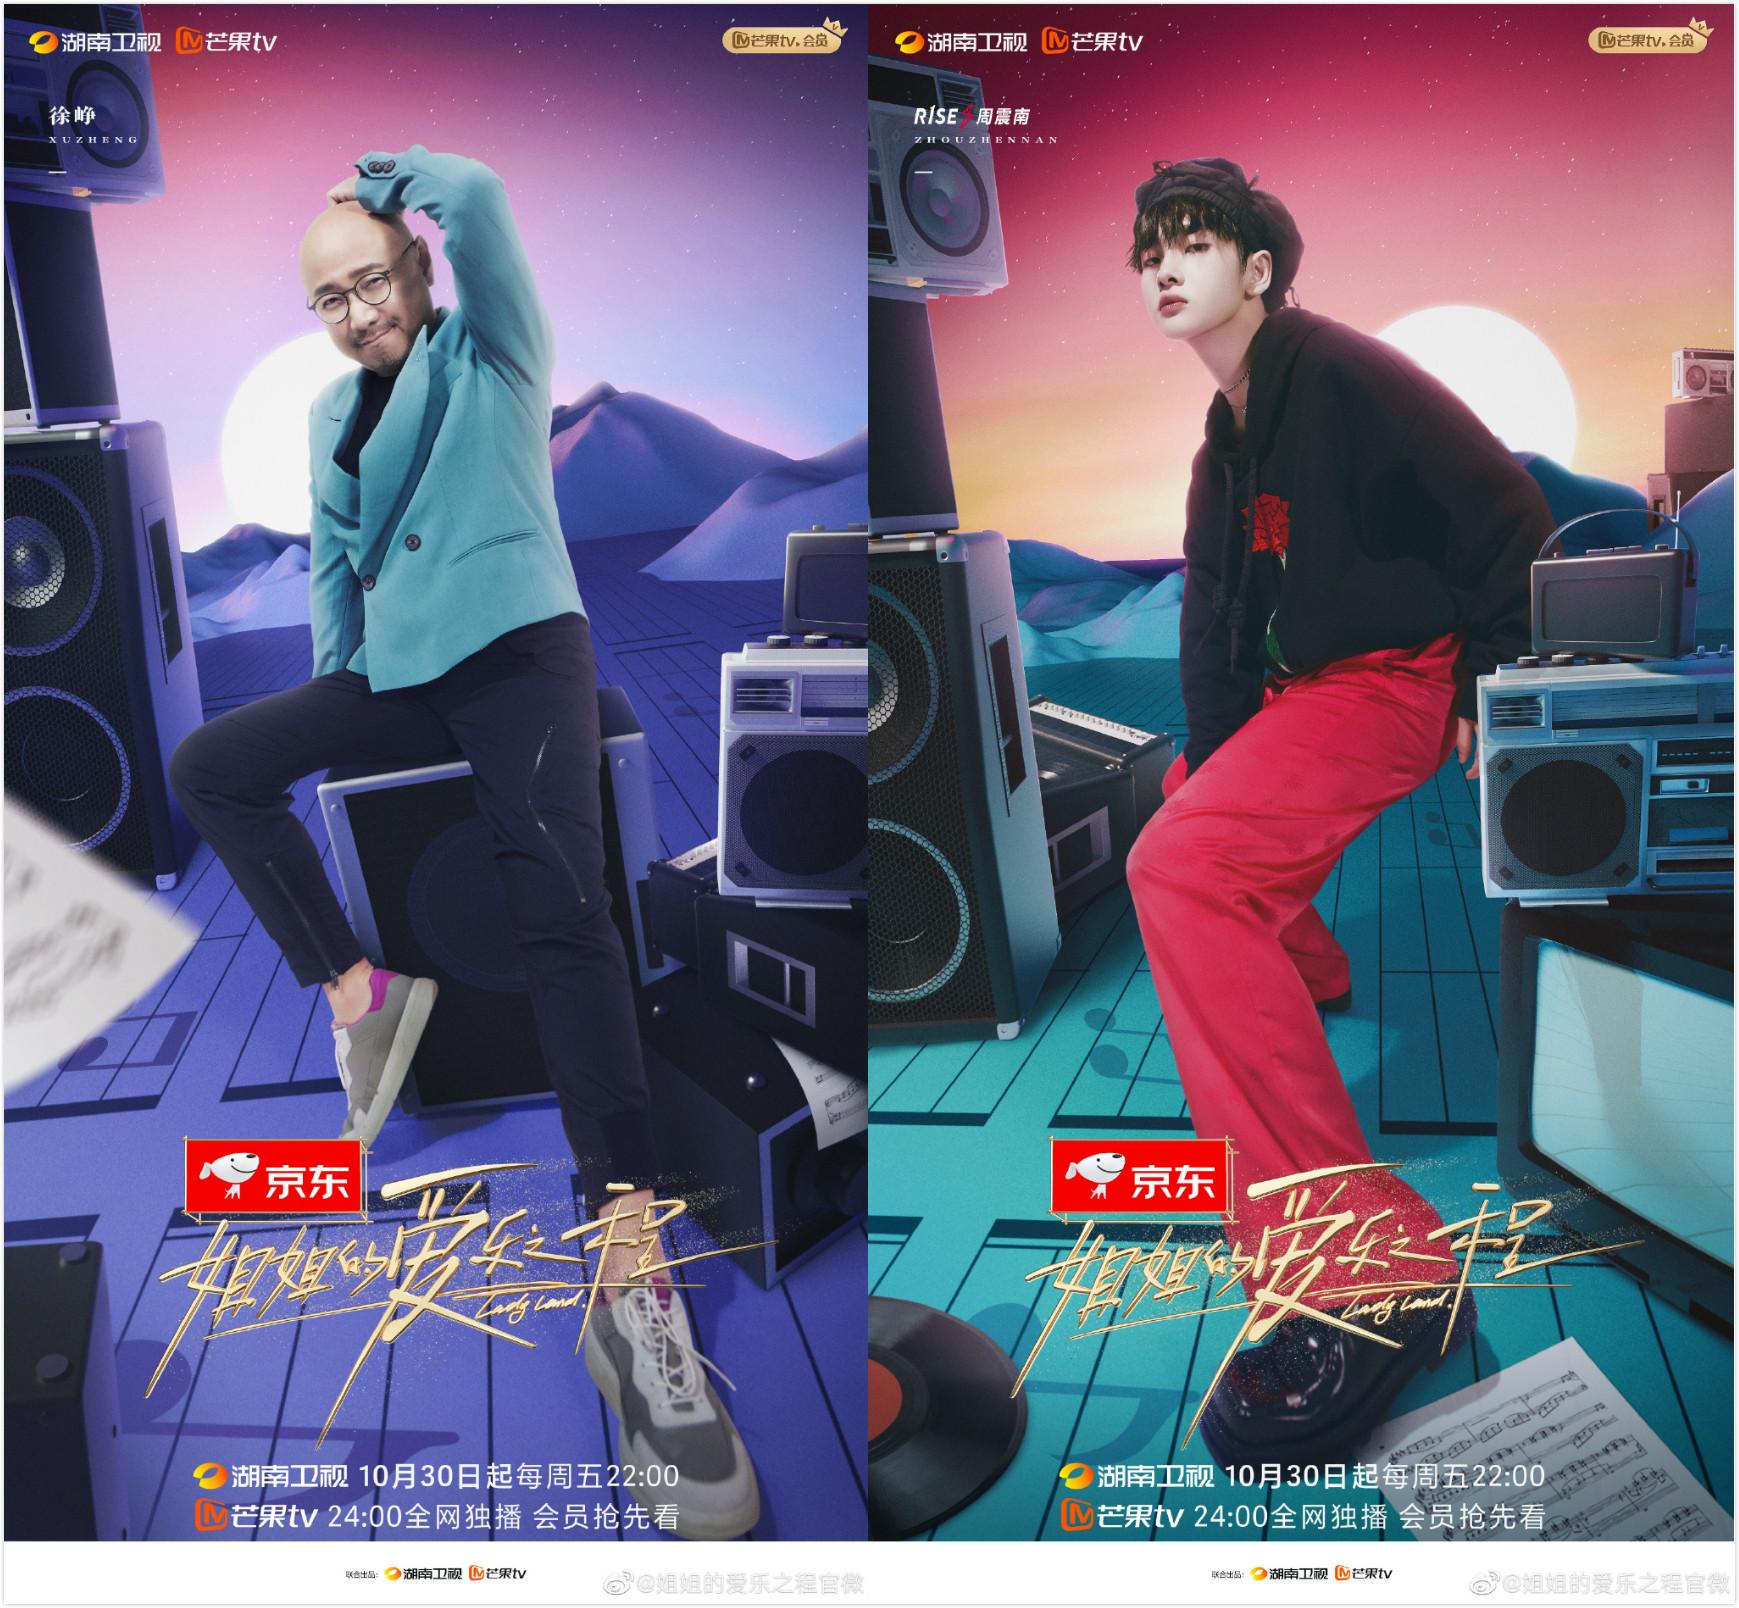 徐峥、周震南加盟综艺《姐姐的爱乐之程》图片